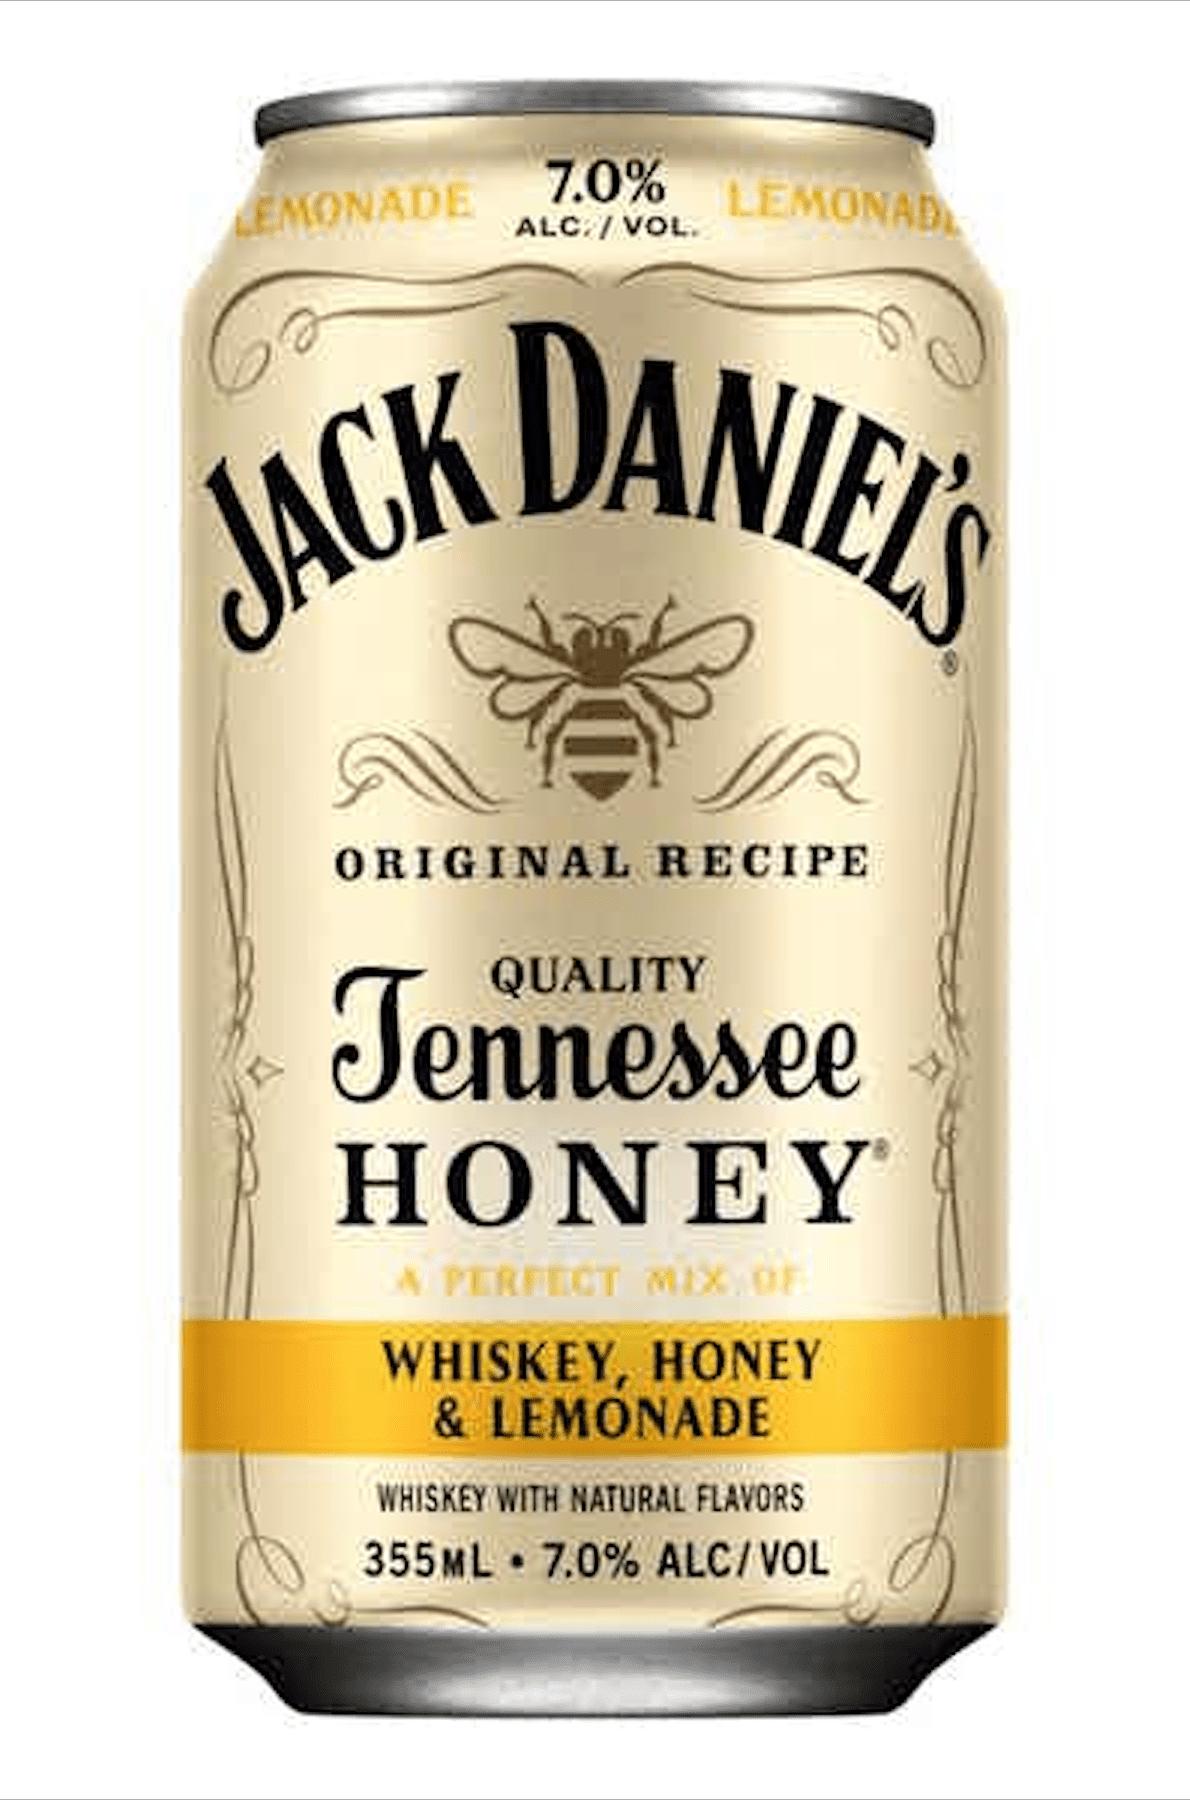 Jack Daniel's Whiskey, Honey, and Lemonade